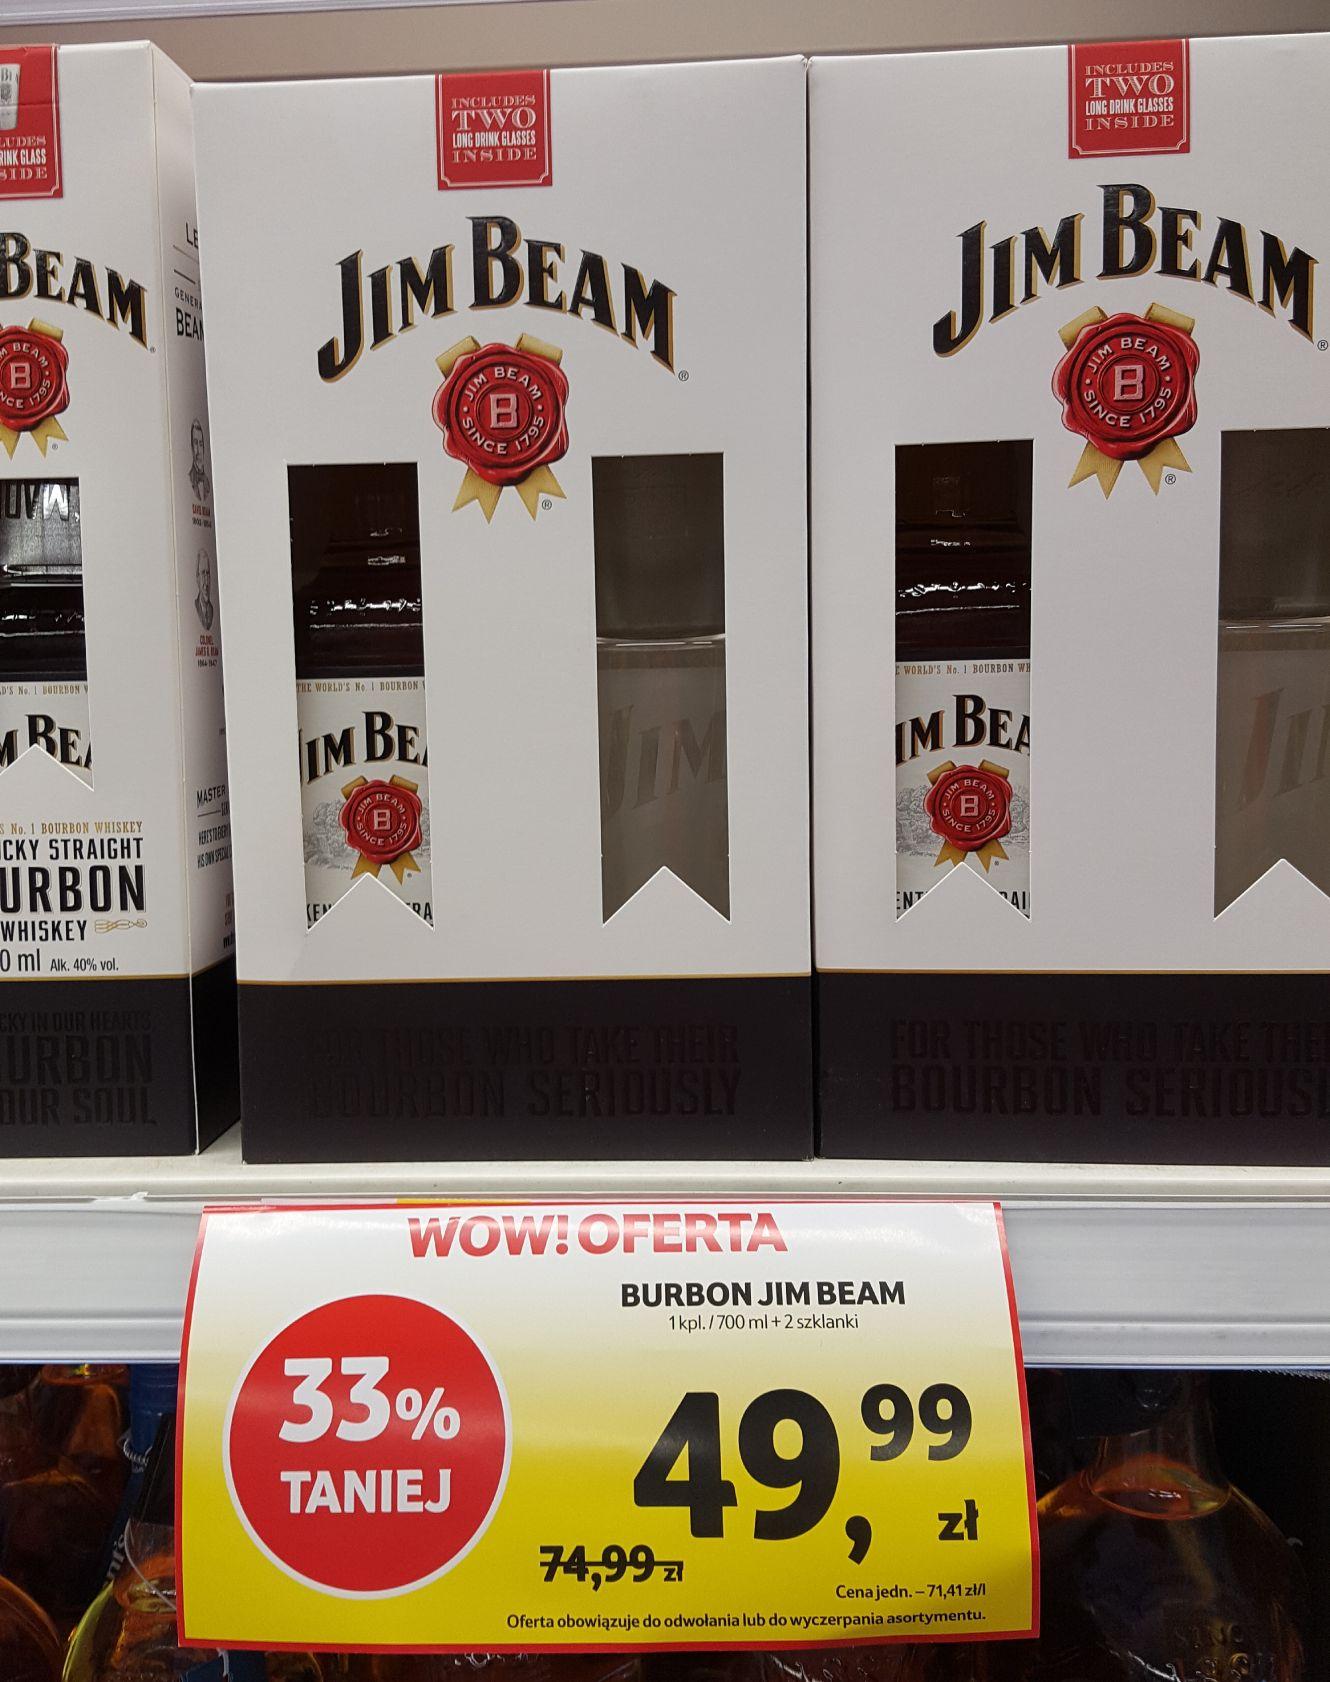 Jim Beam 0.7l + 2 szklanki @ Tesco